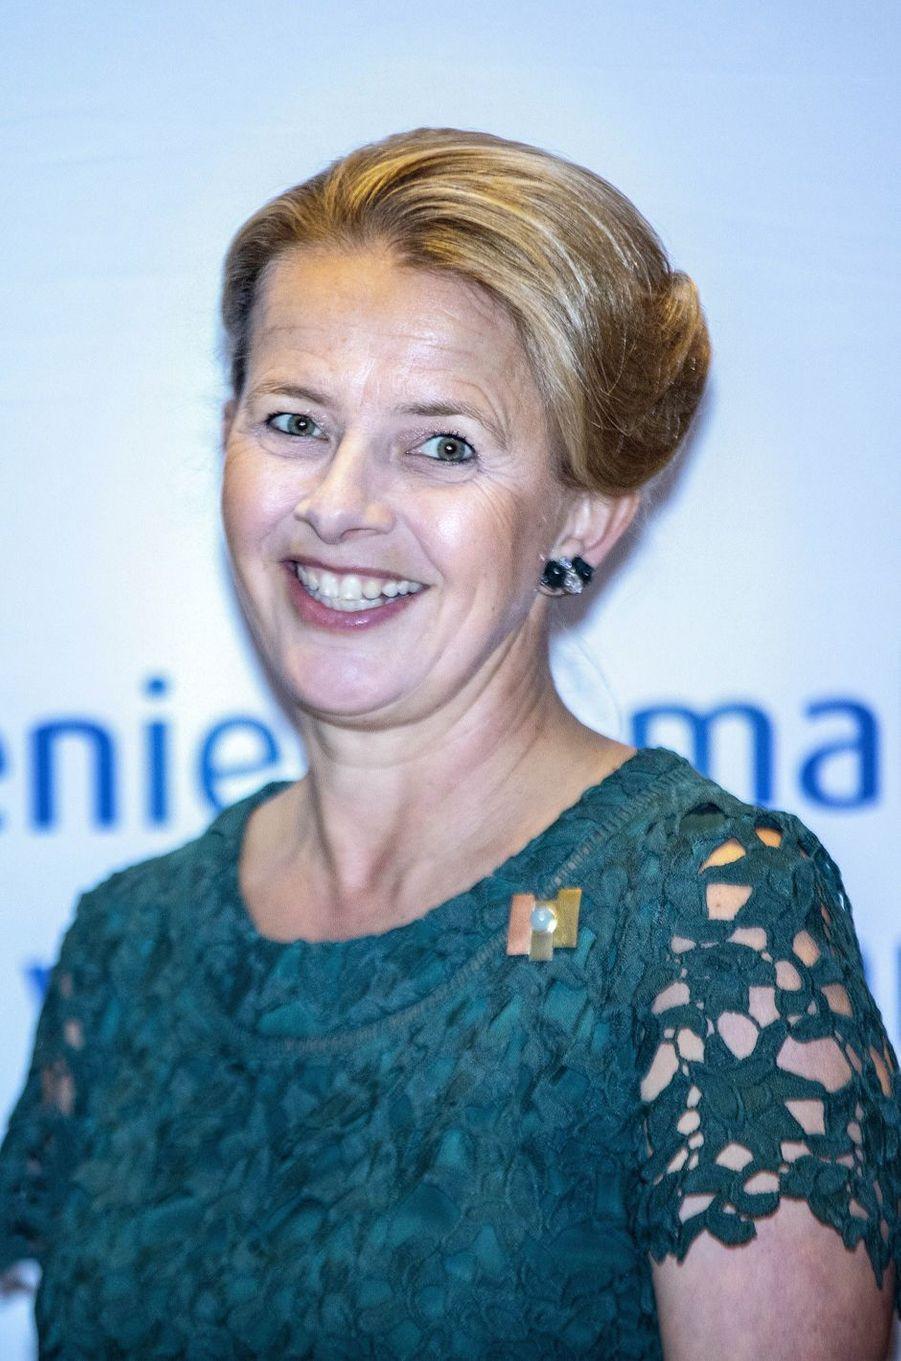 La princesse Mabel des Pays-Bas à Veldhoven, le 18 mars 2019